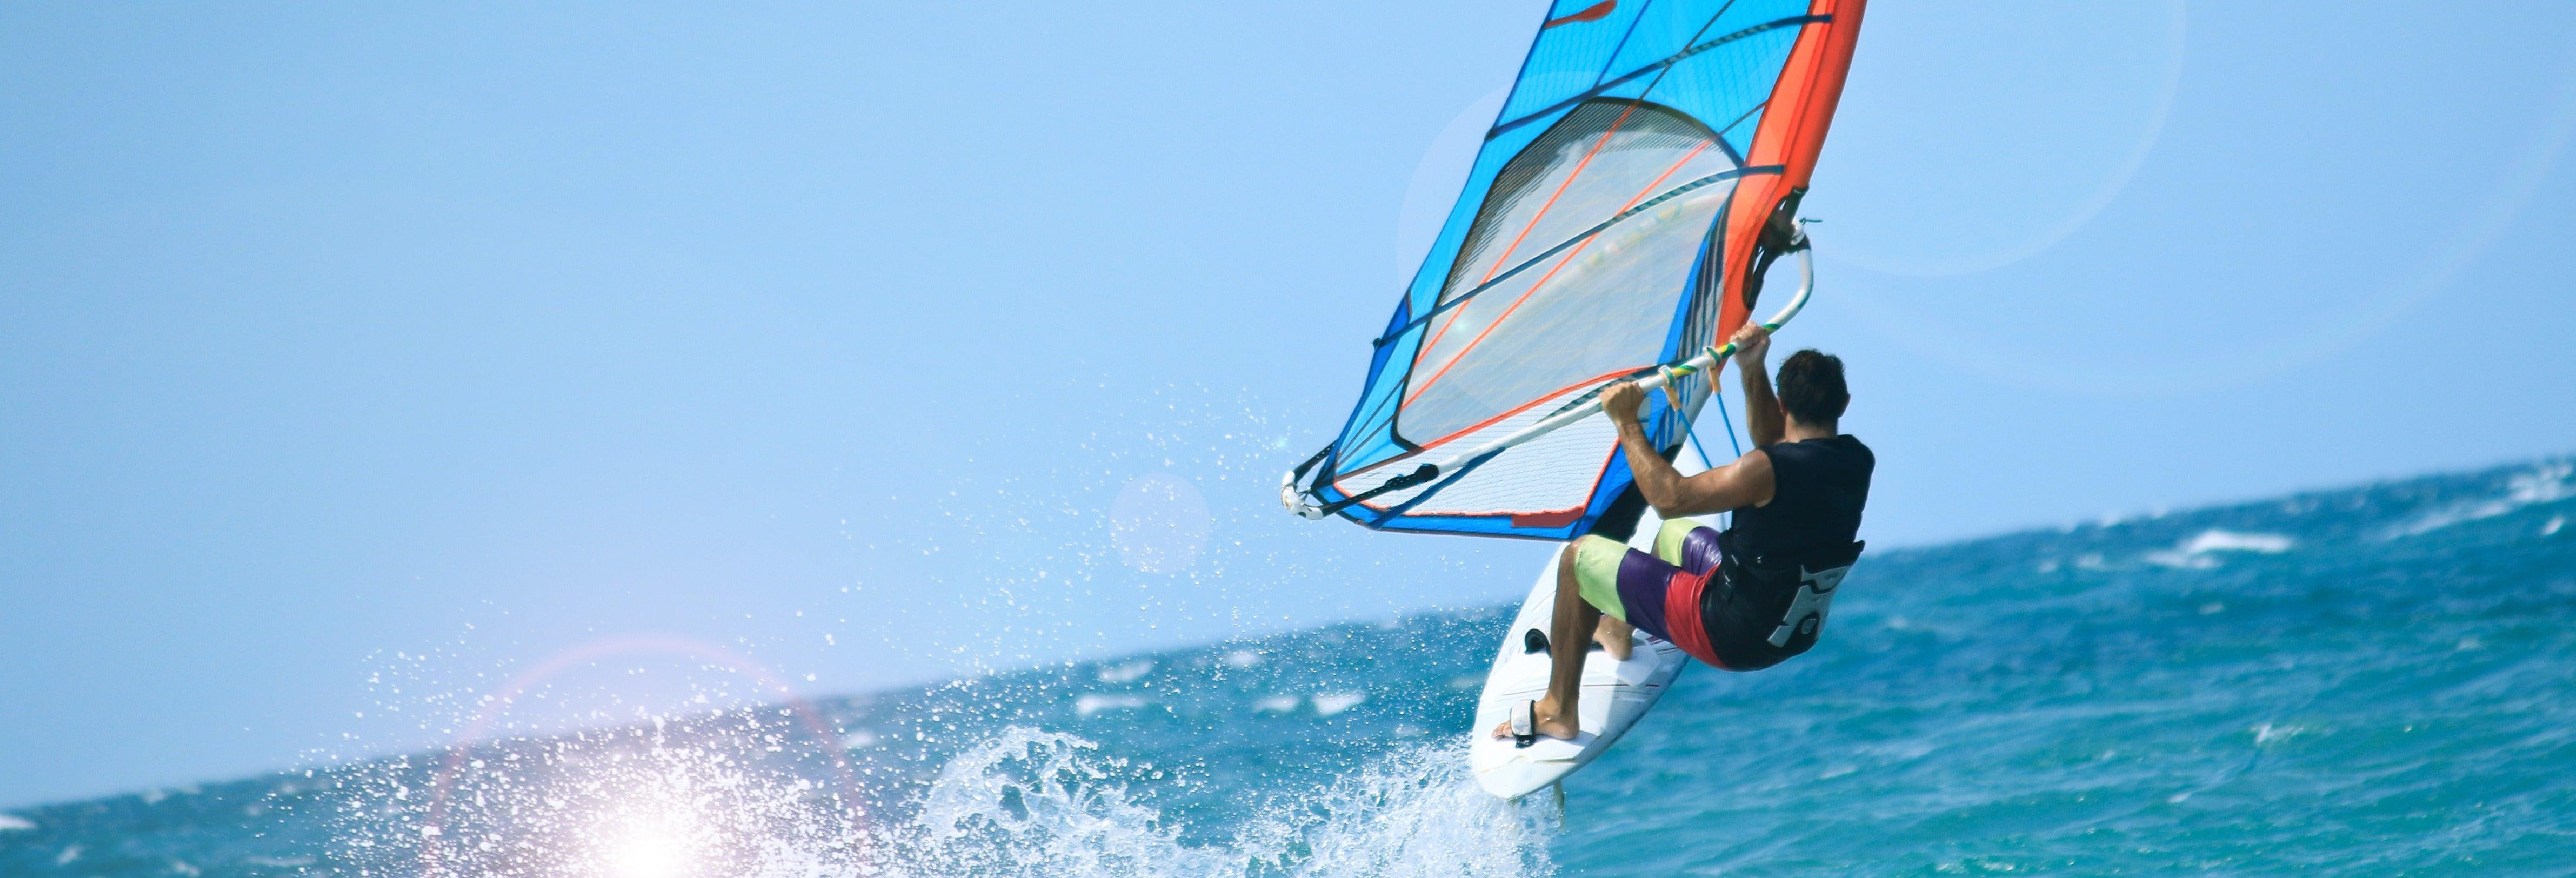 Clase de kitesurf o windsurf en Maafushi